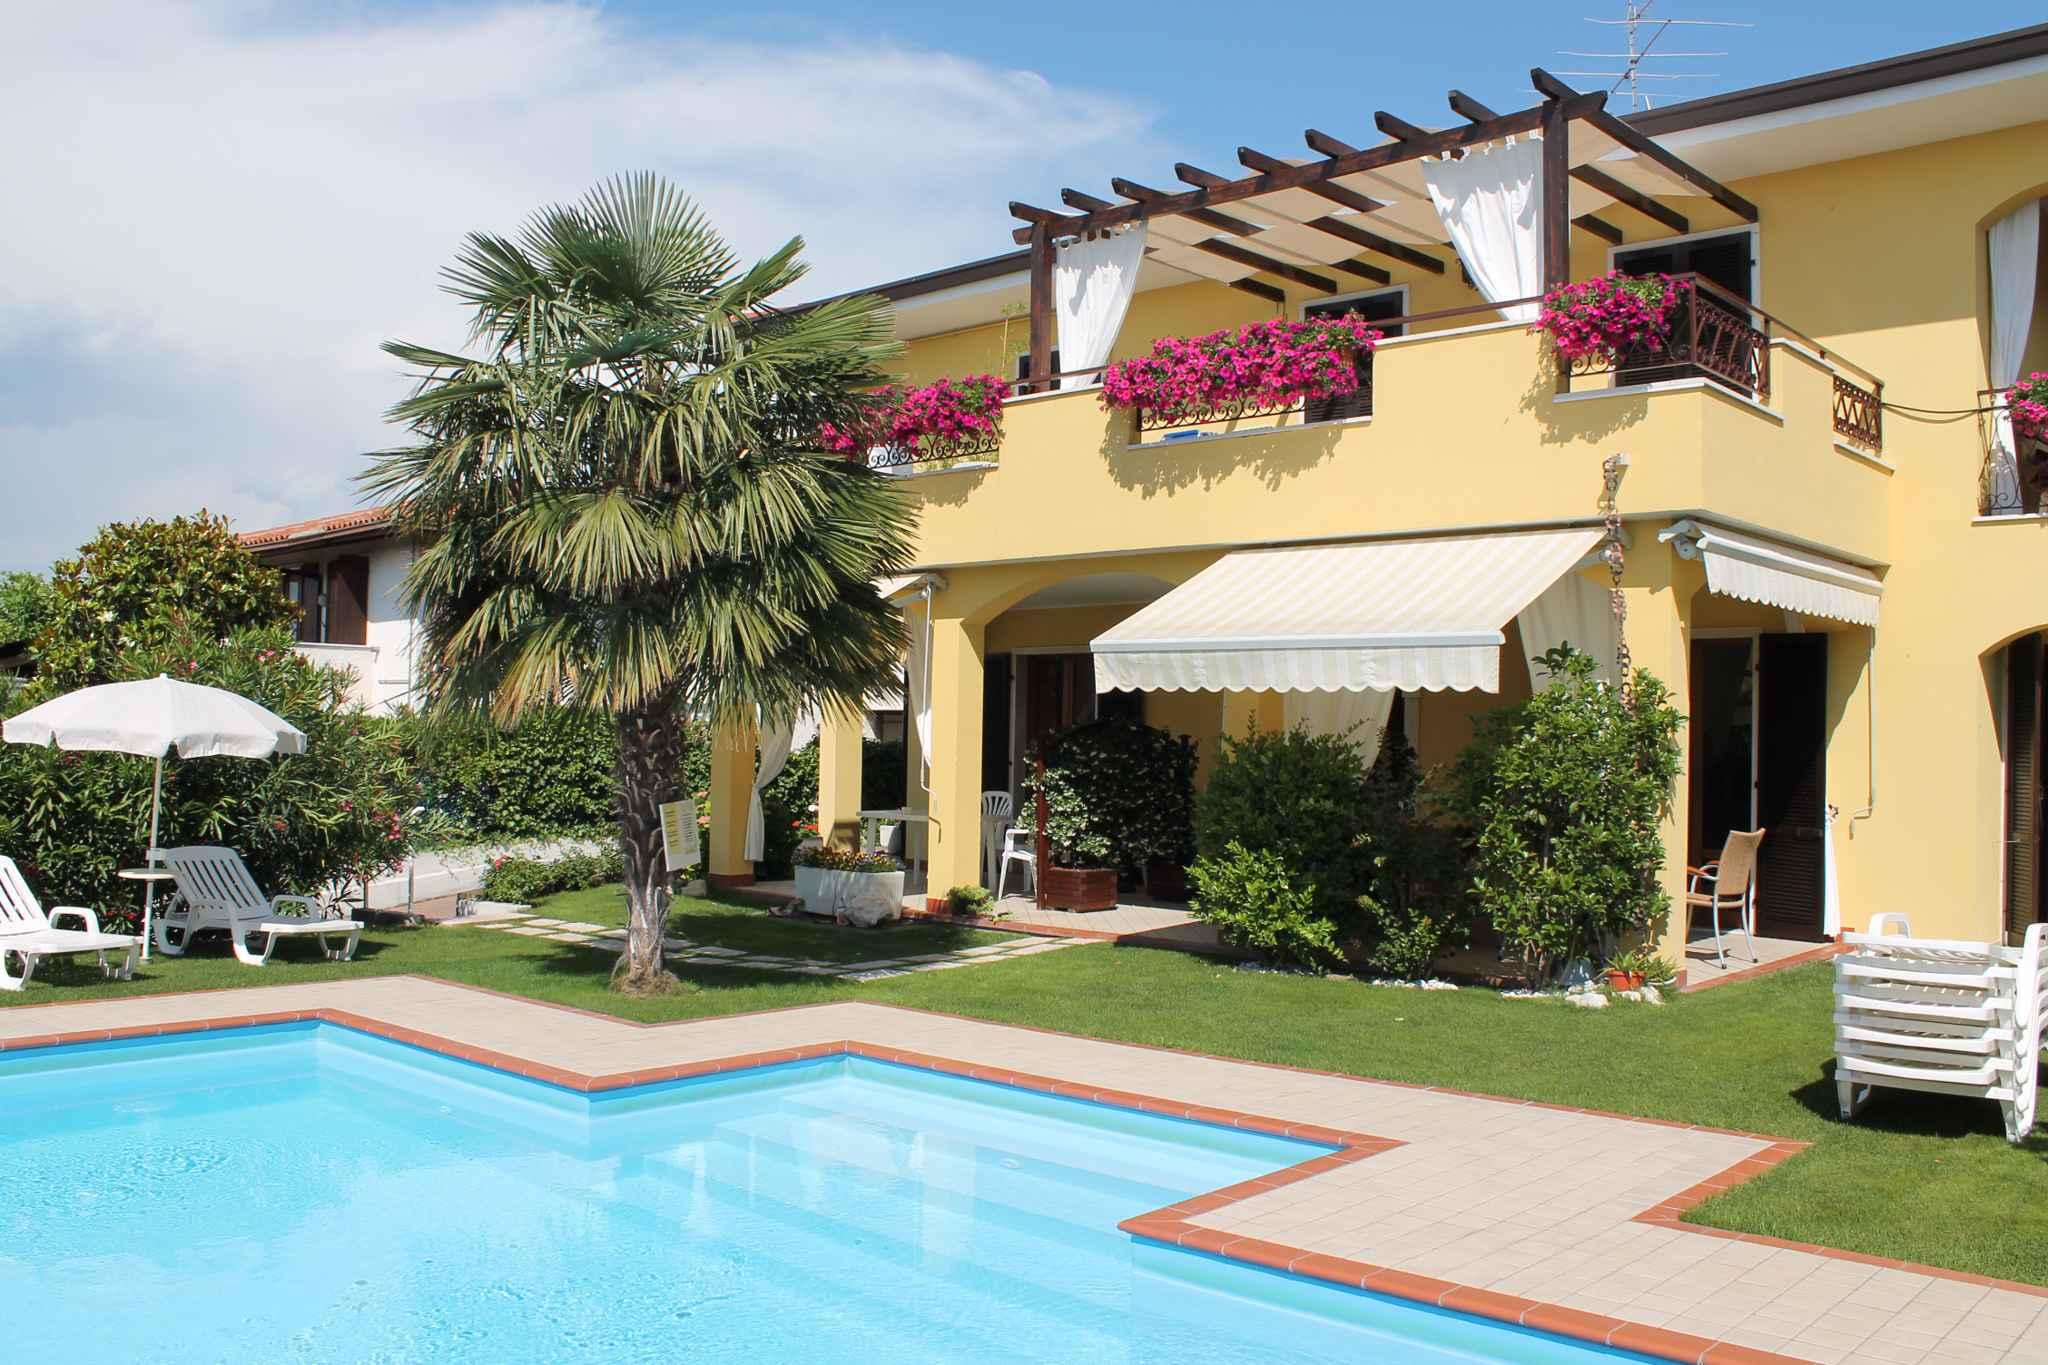 Ferienwohnung con balcone (480312), Lazise, Gardasee, Venetien, Italien, Bild 13